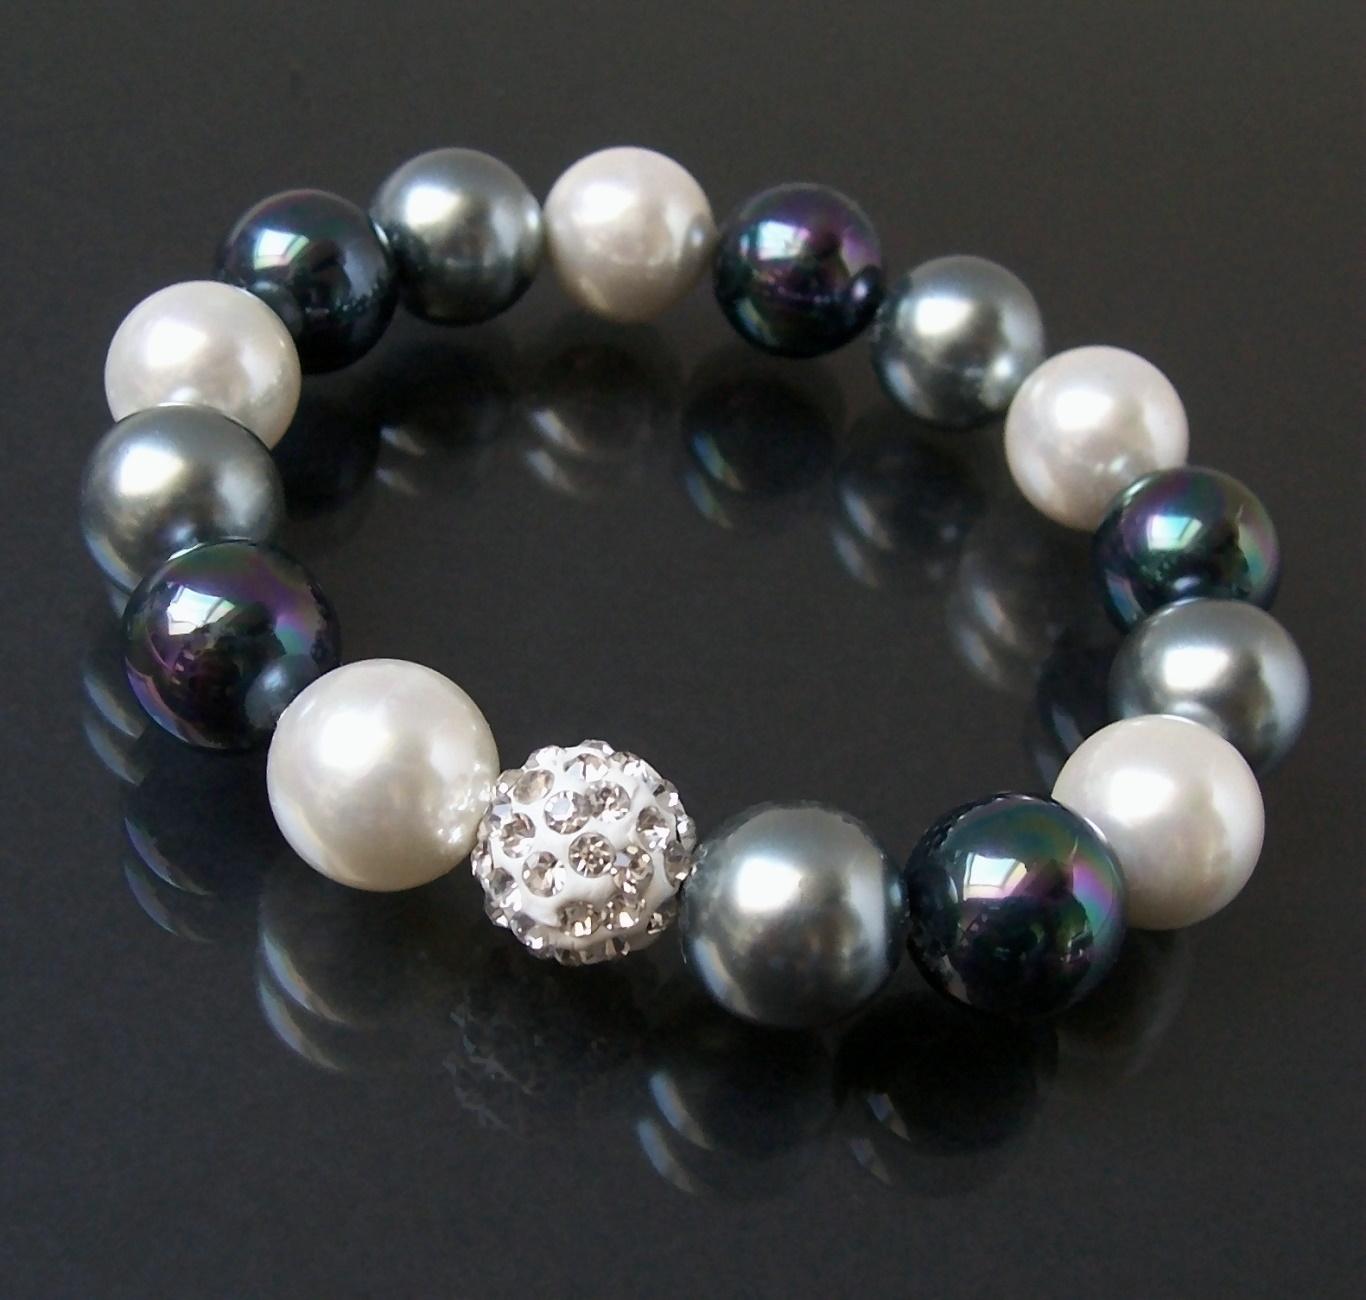 Armband Muschelkern Perlen 12mm weiß-grau Perlenarmband Strass A768